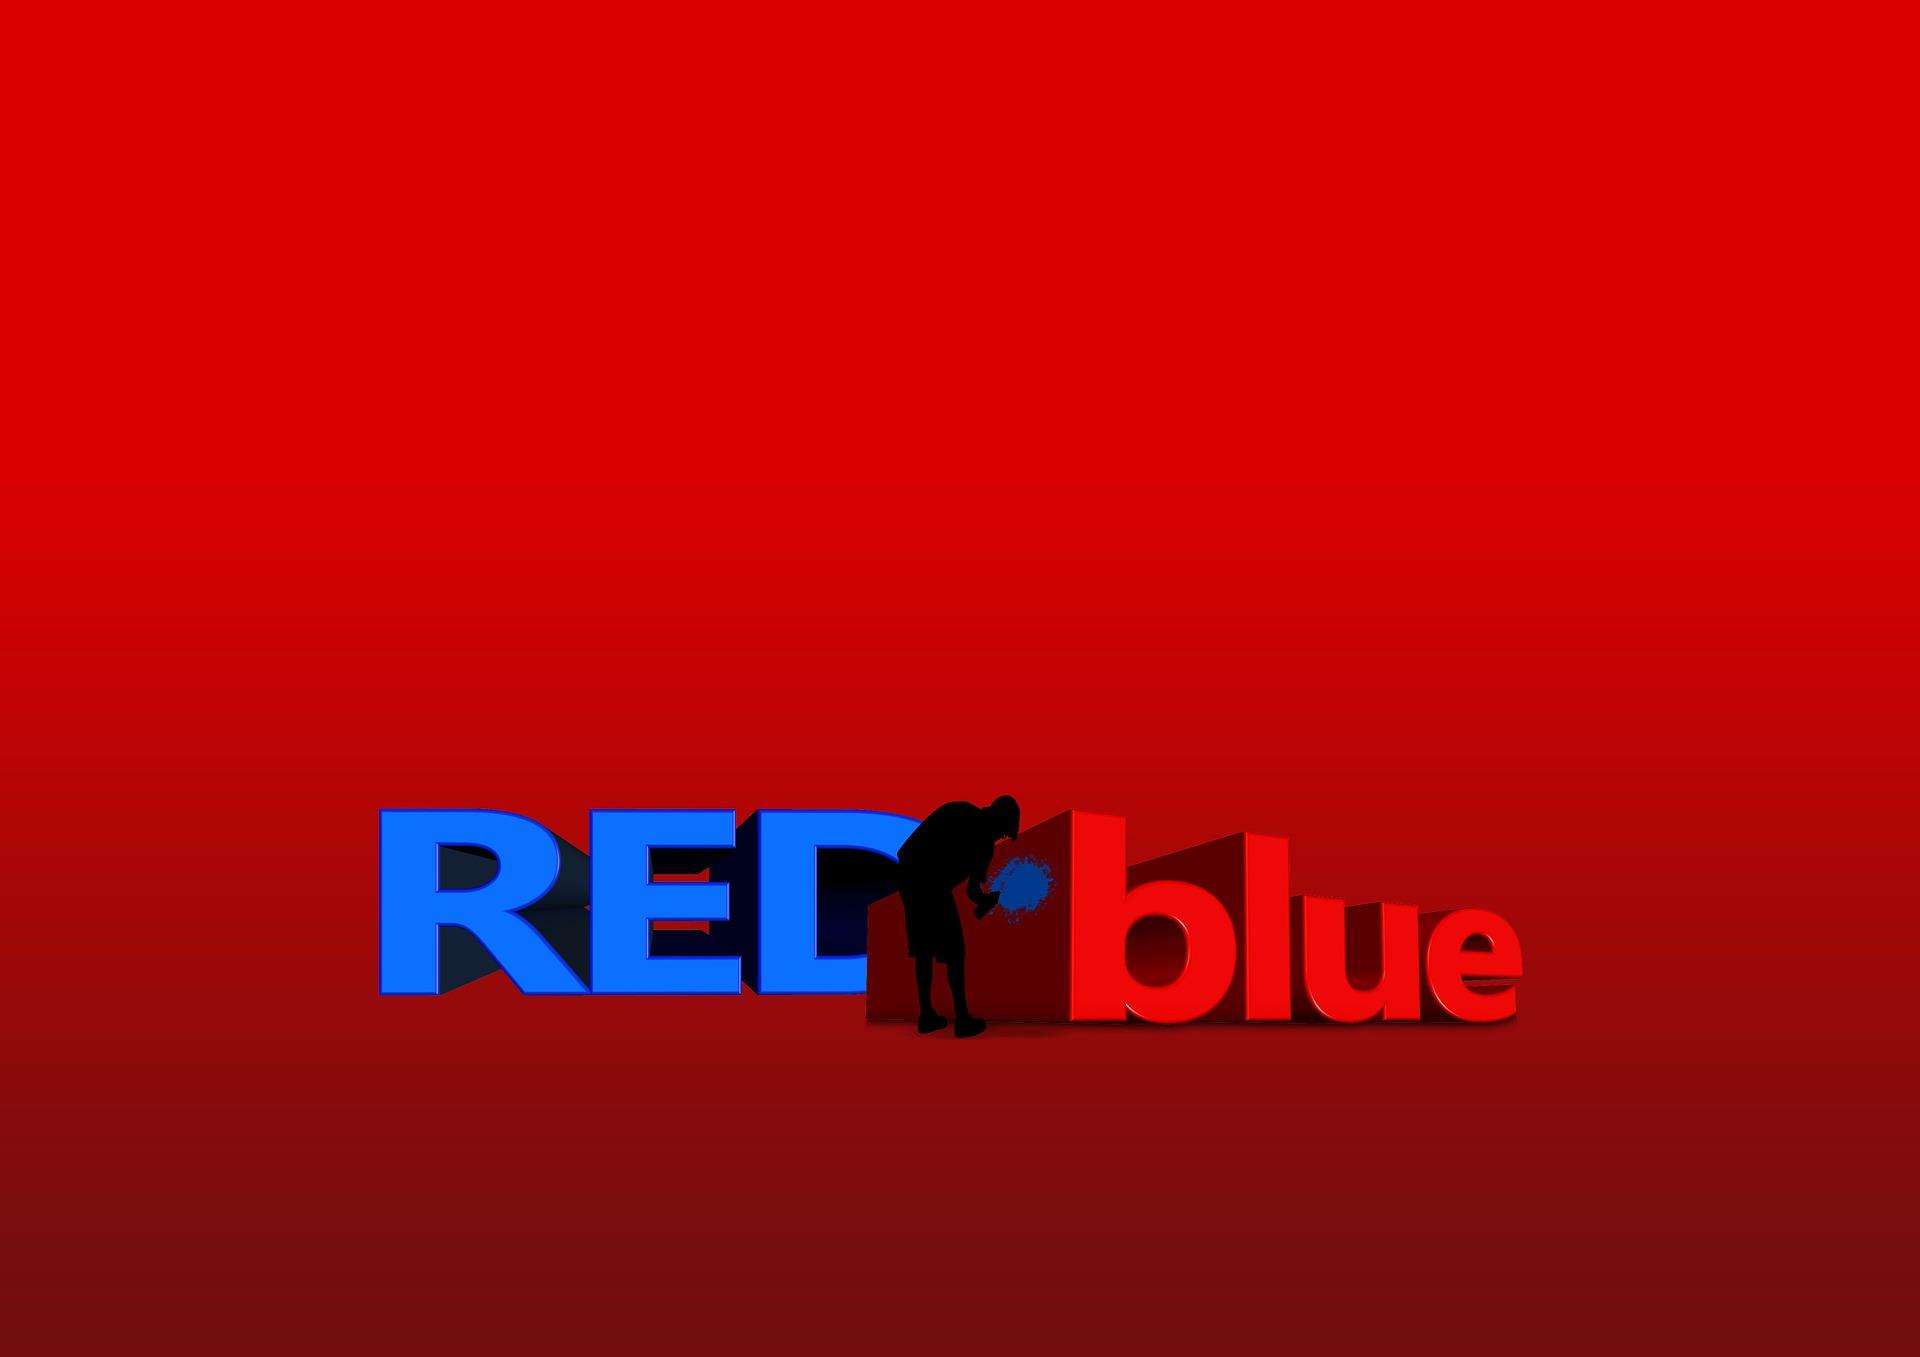 red-102226_1920.jpg